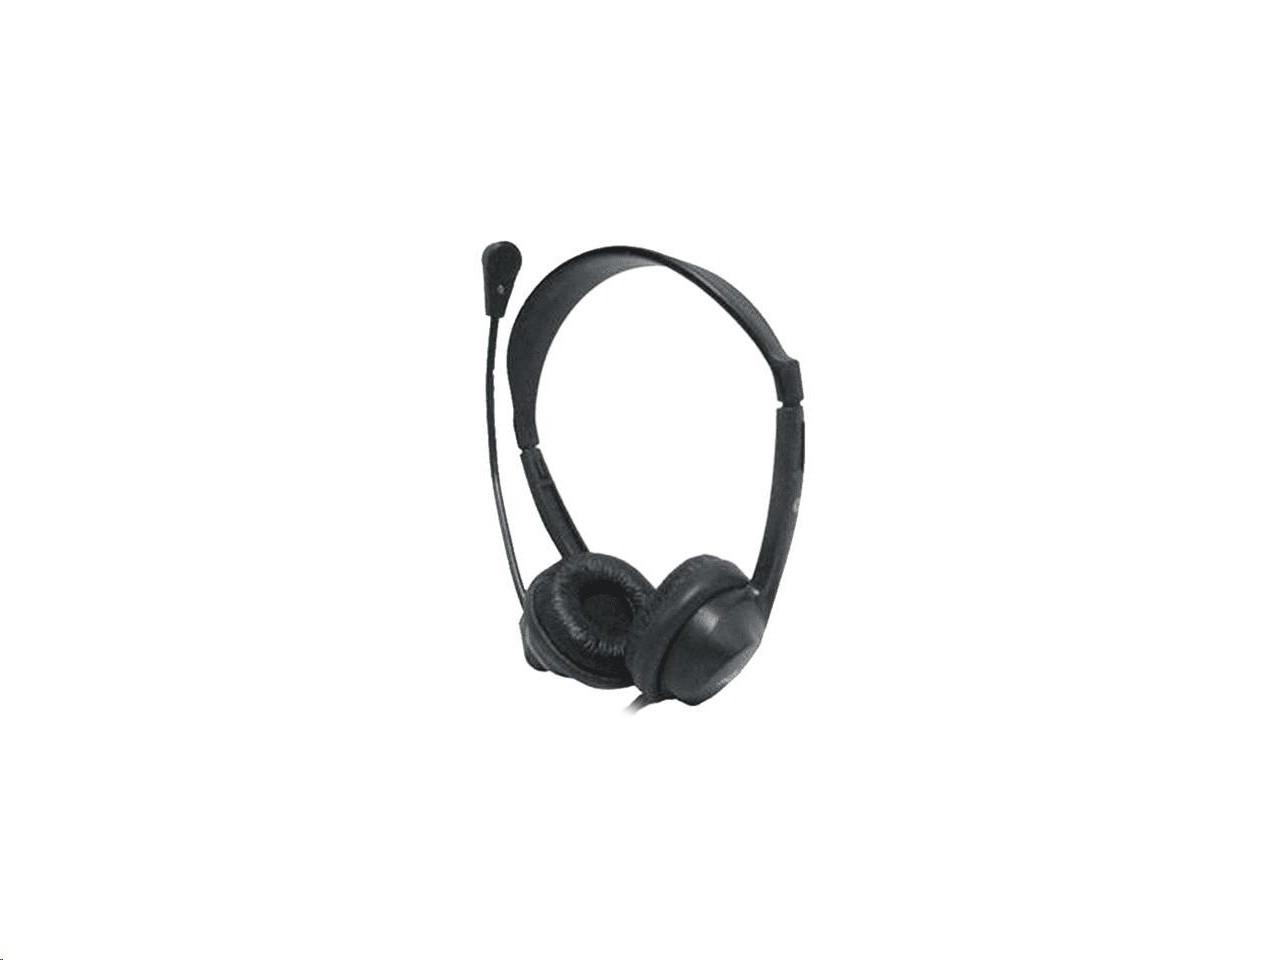 Avid On-Ear Headphones With Boom Mic Black 1EDU-AE18